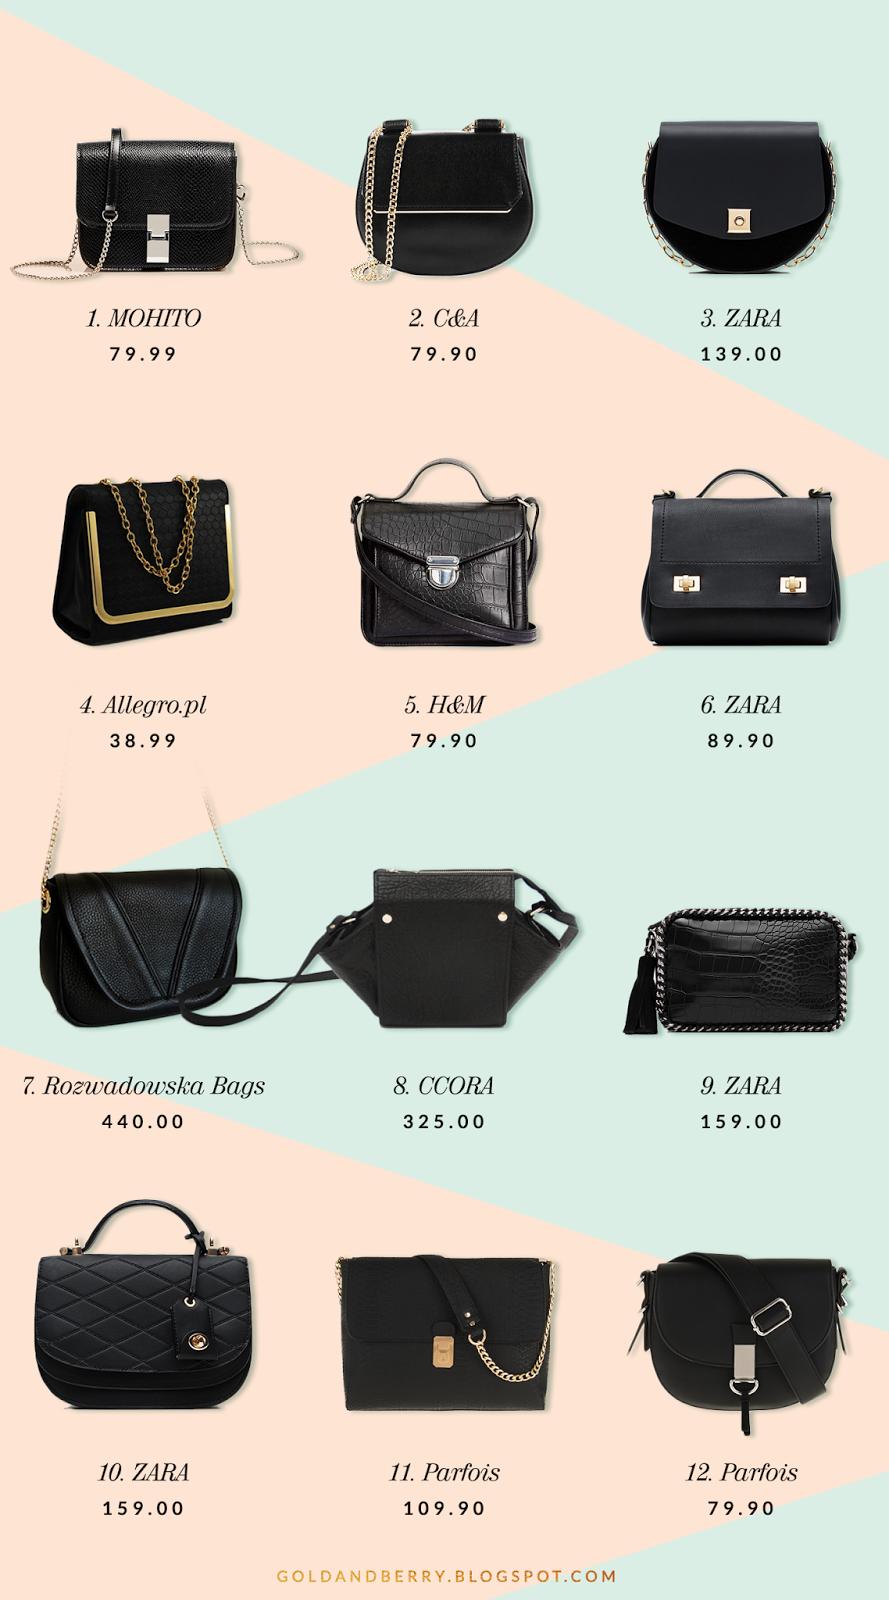 The Little Black Bag - Mała, czarna torebka - gdzie kupić podobną - MINI TOREBKA LISTONOSZKA ZE ZDOBIENIEM - GoldandBerry blog Gold and Berry STYLE